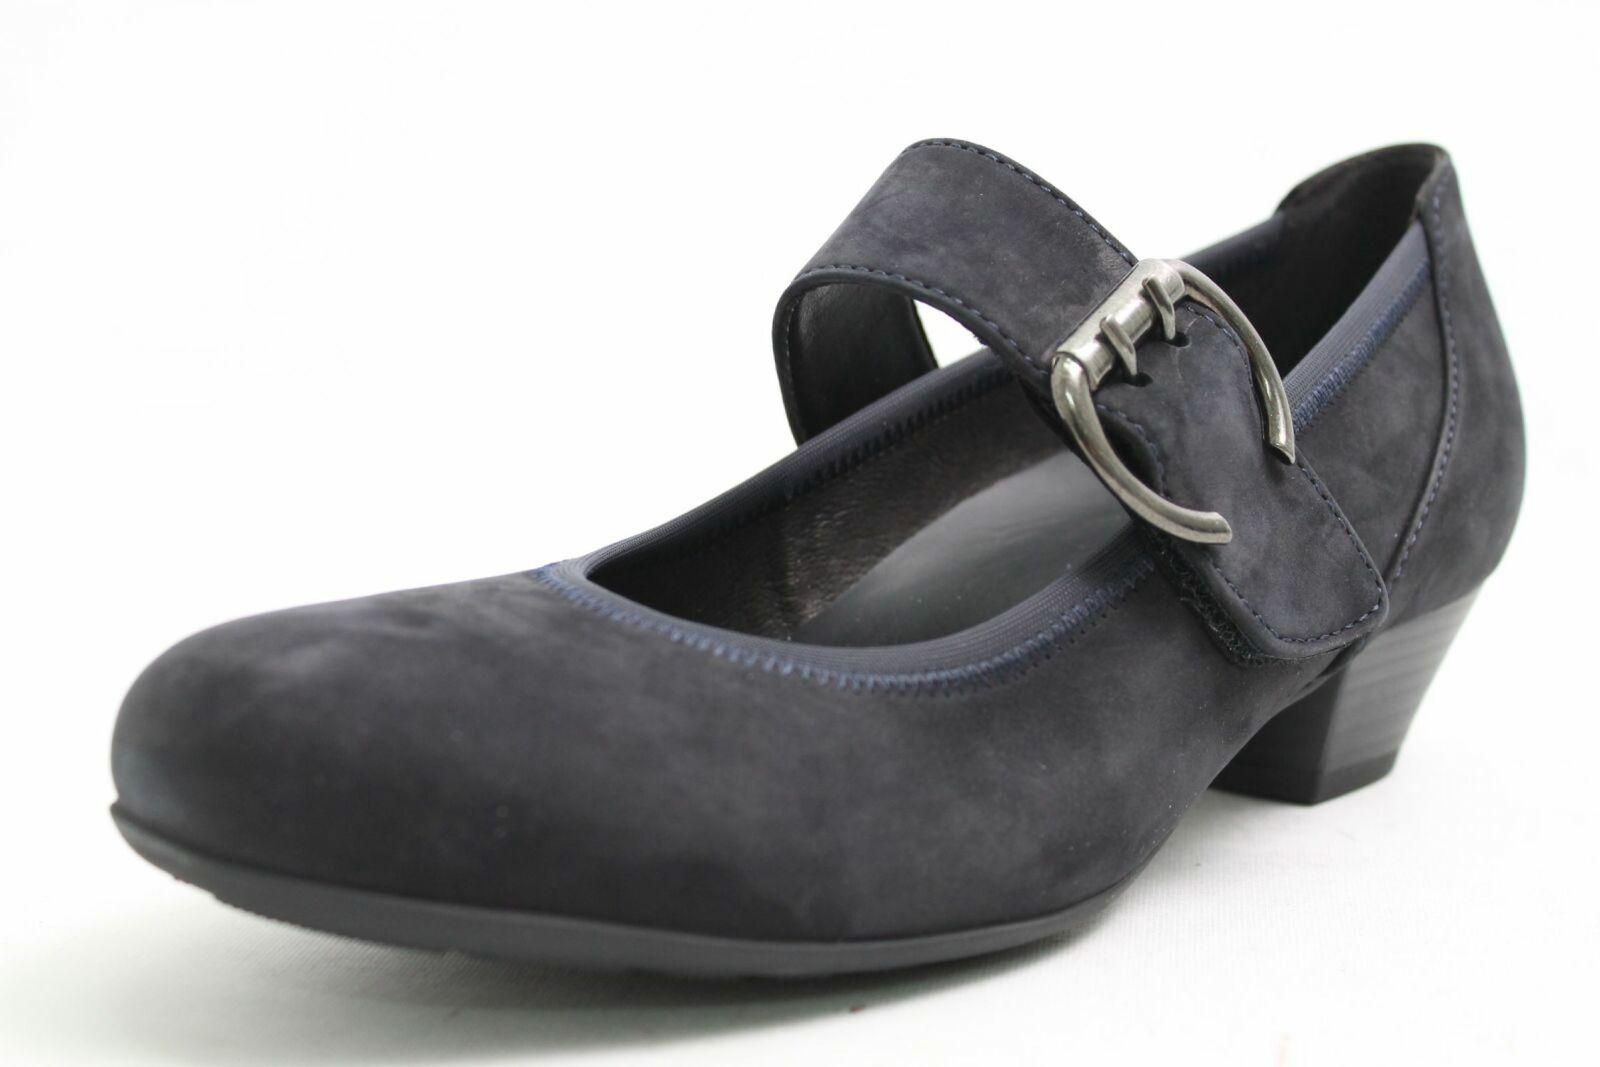 Gabor Escarpins Navy Bleu vraiment Nubuk Cuir Velcro Chaussure Largeur H Femmes